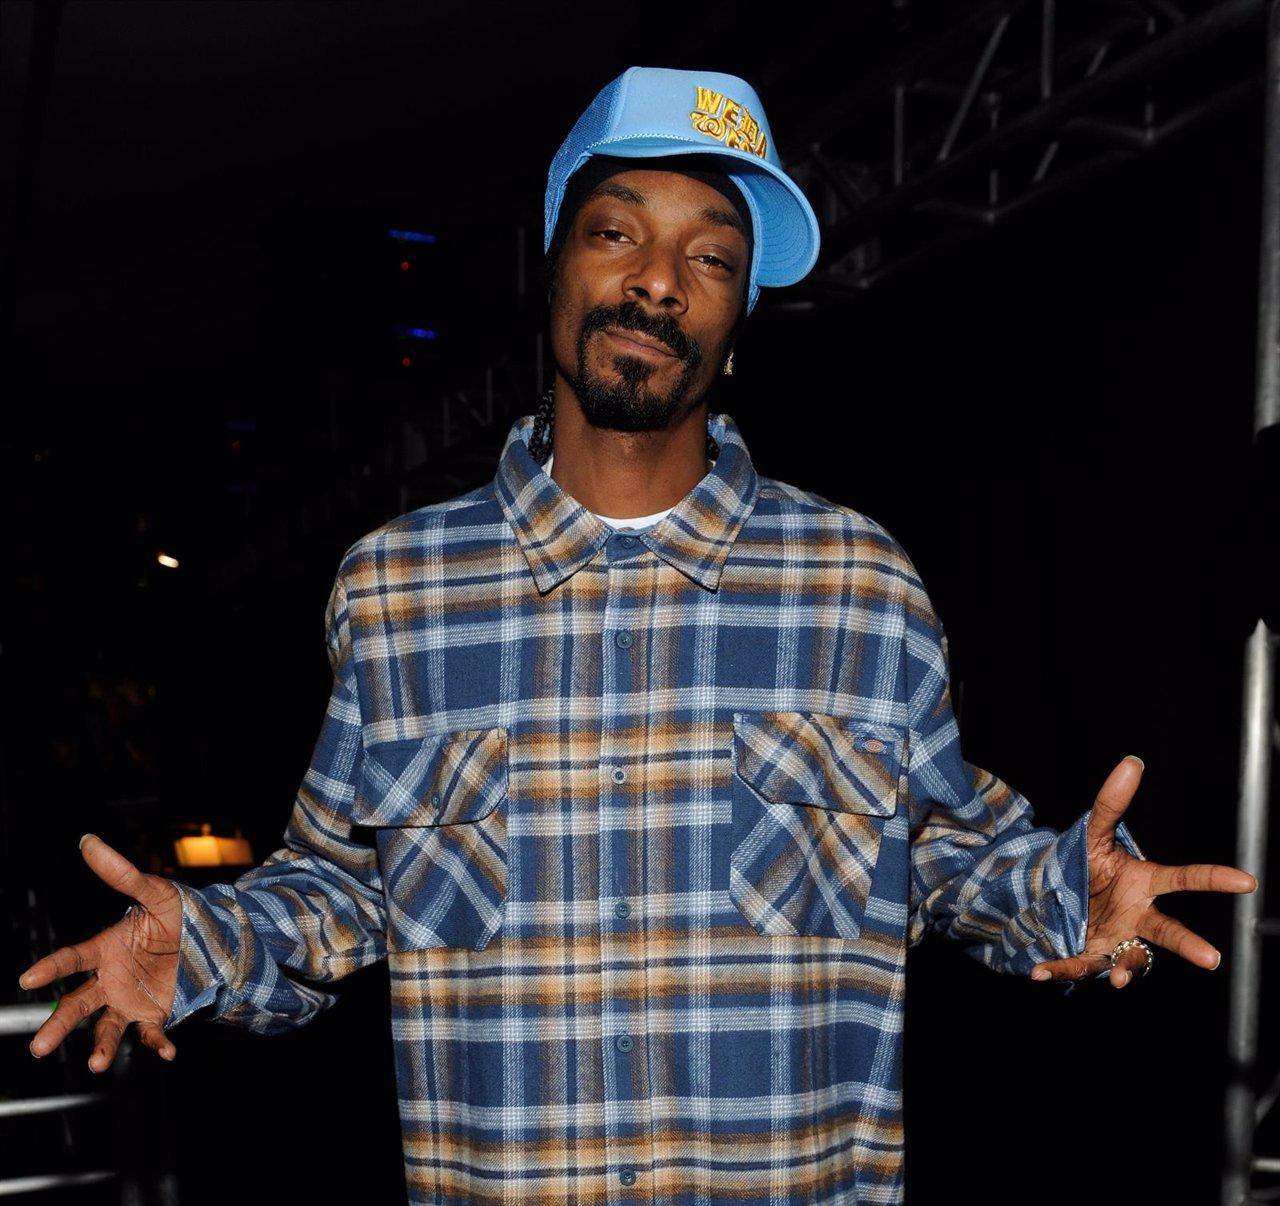 El rapero estadounidense Snoop Dogg